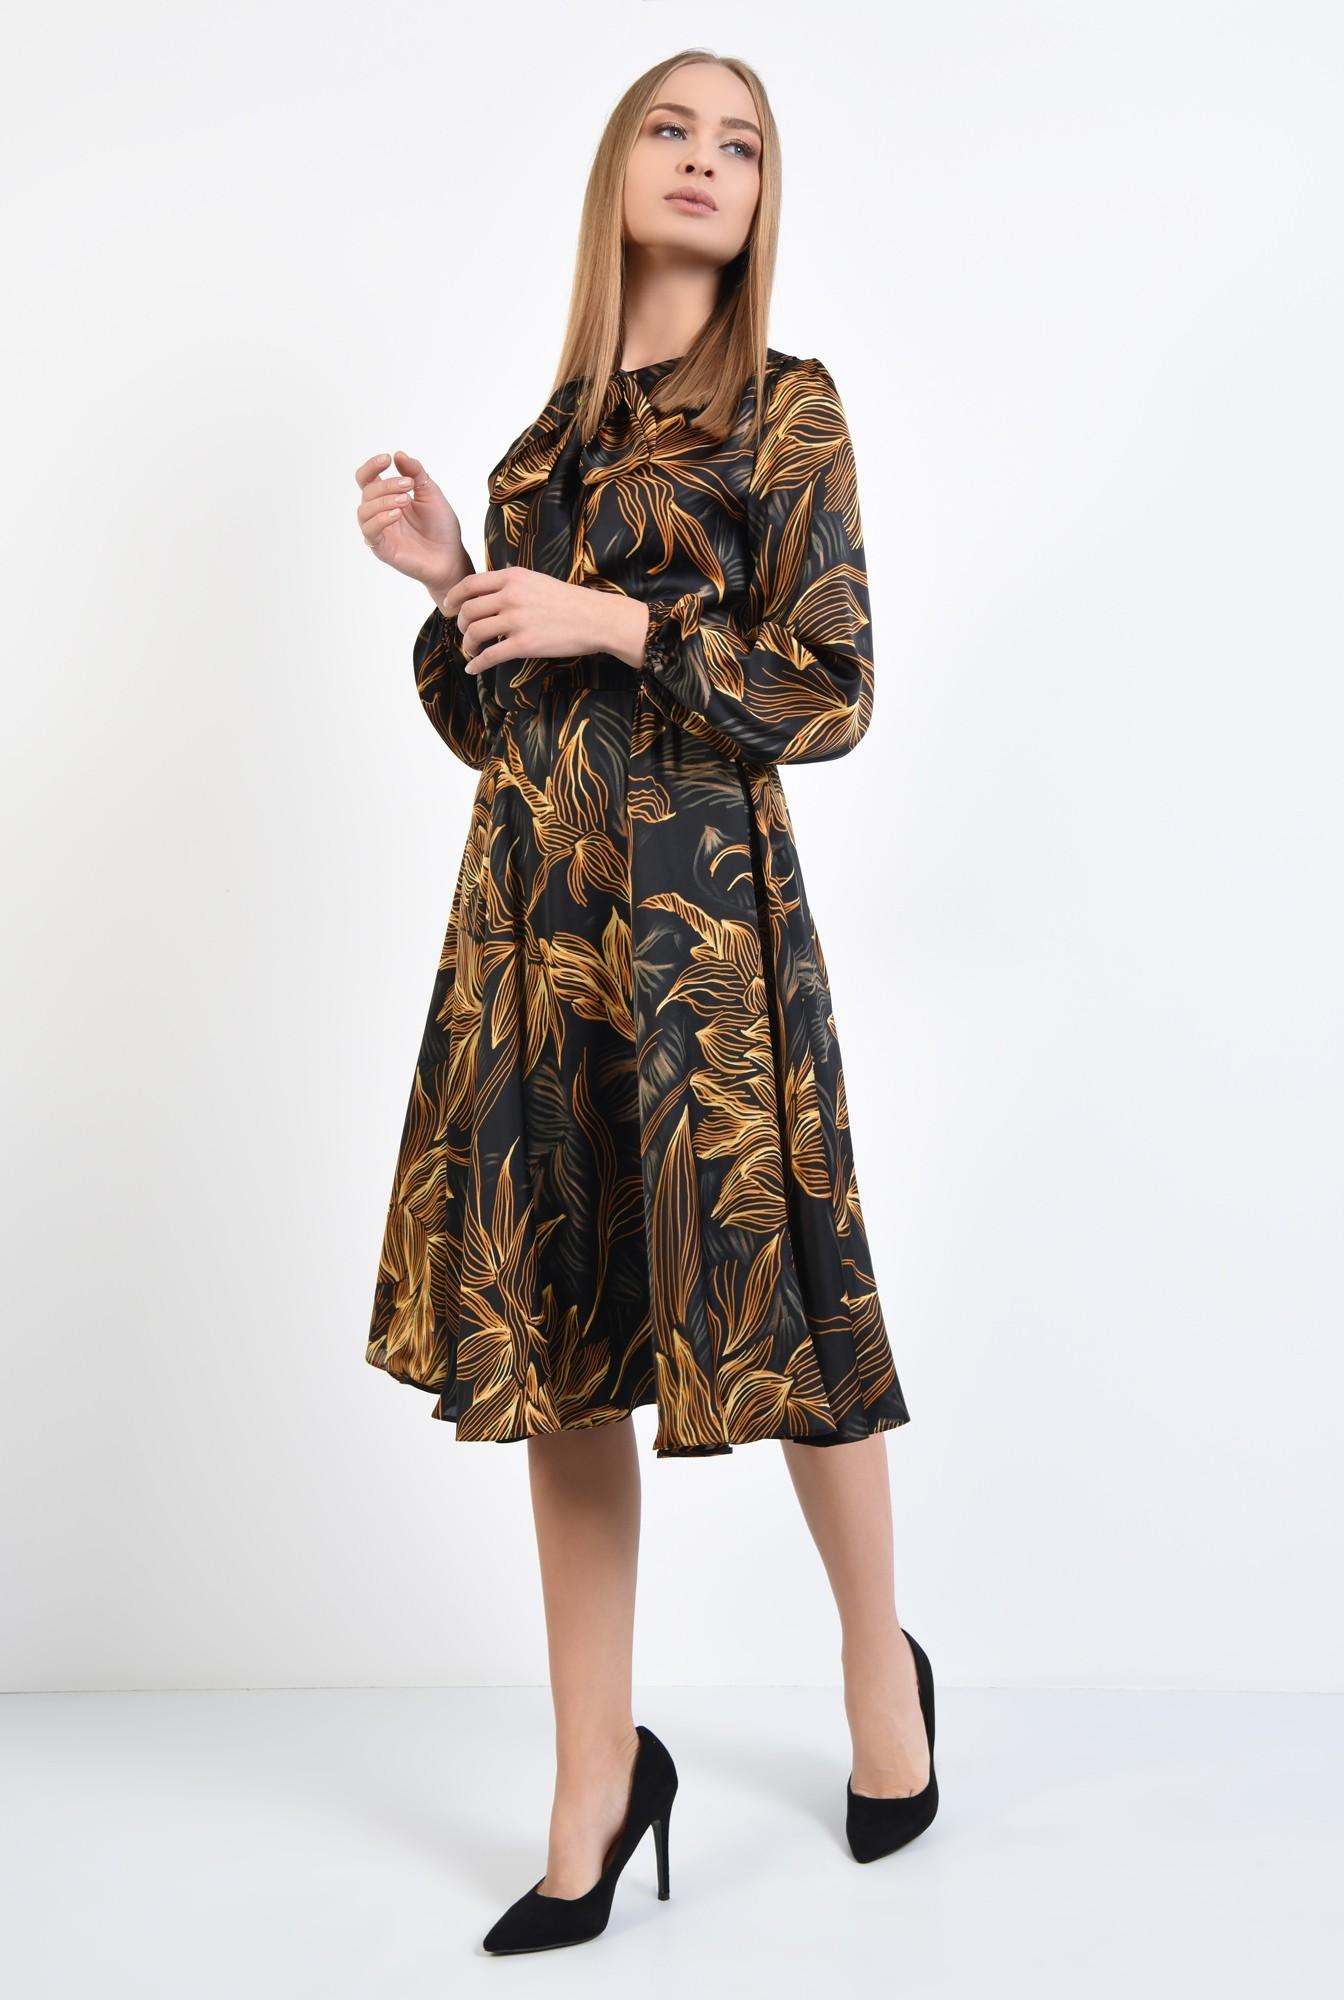 0 - 360 - rochie de zi, cu funda tip esarfa, din satin, croi clos